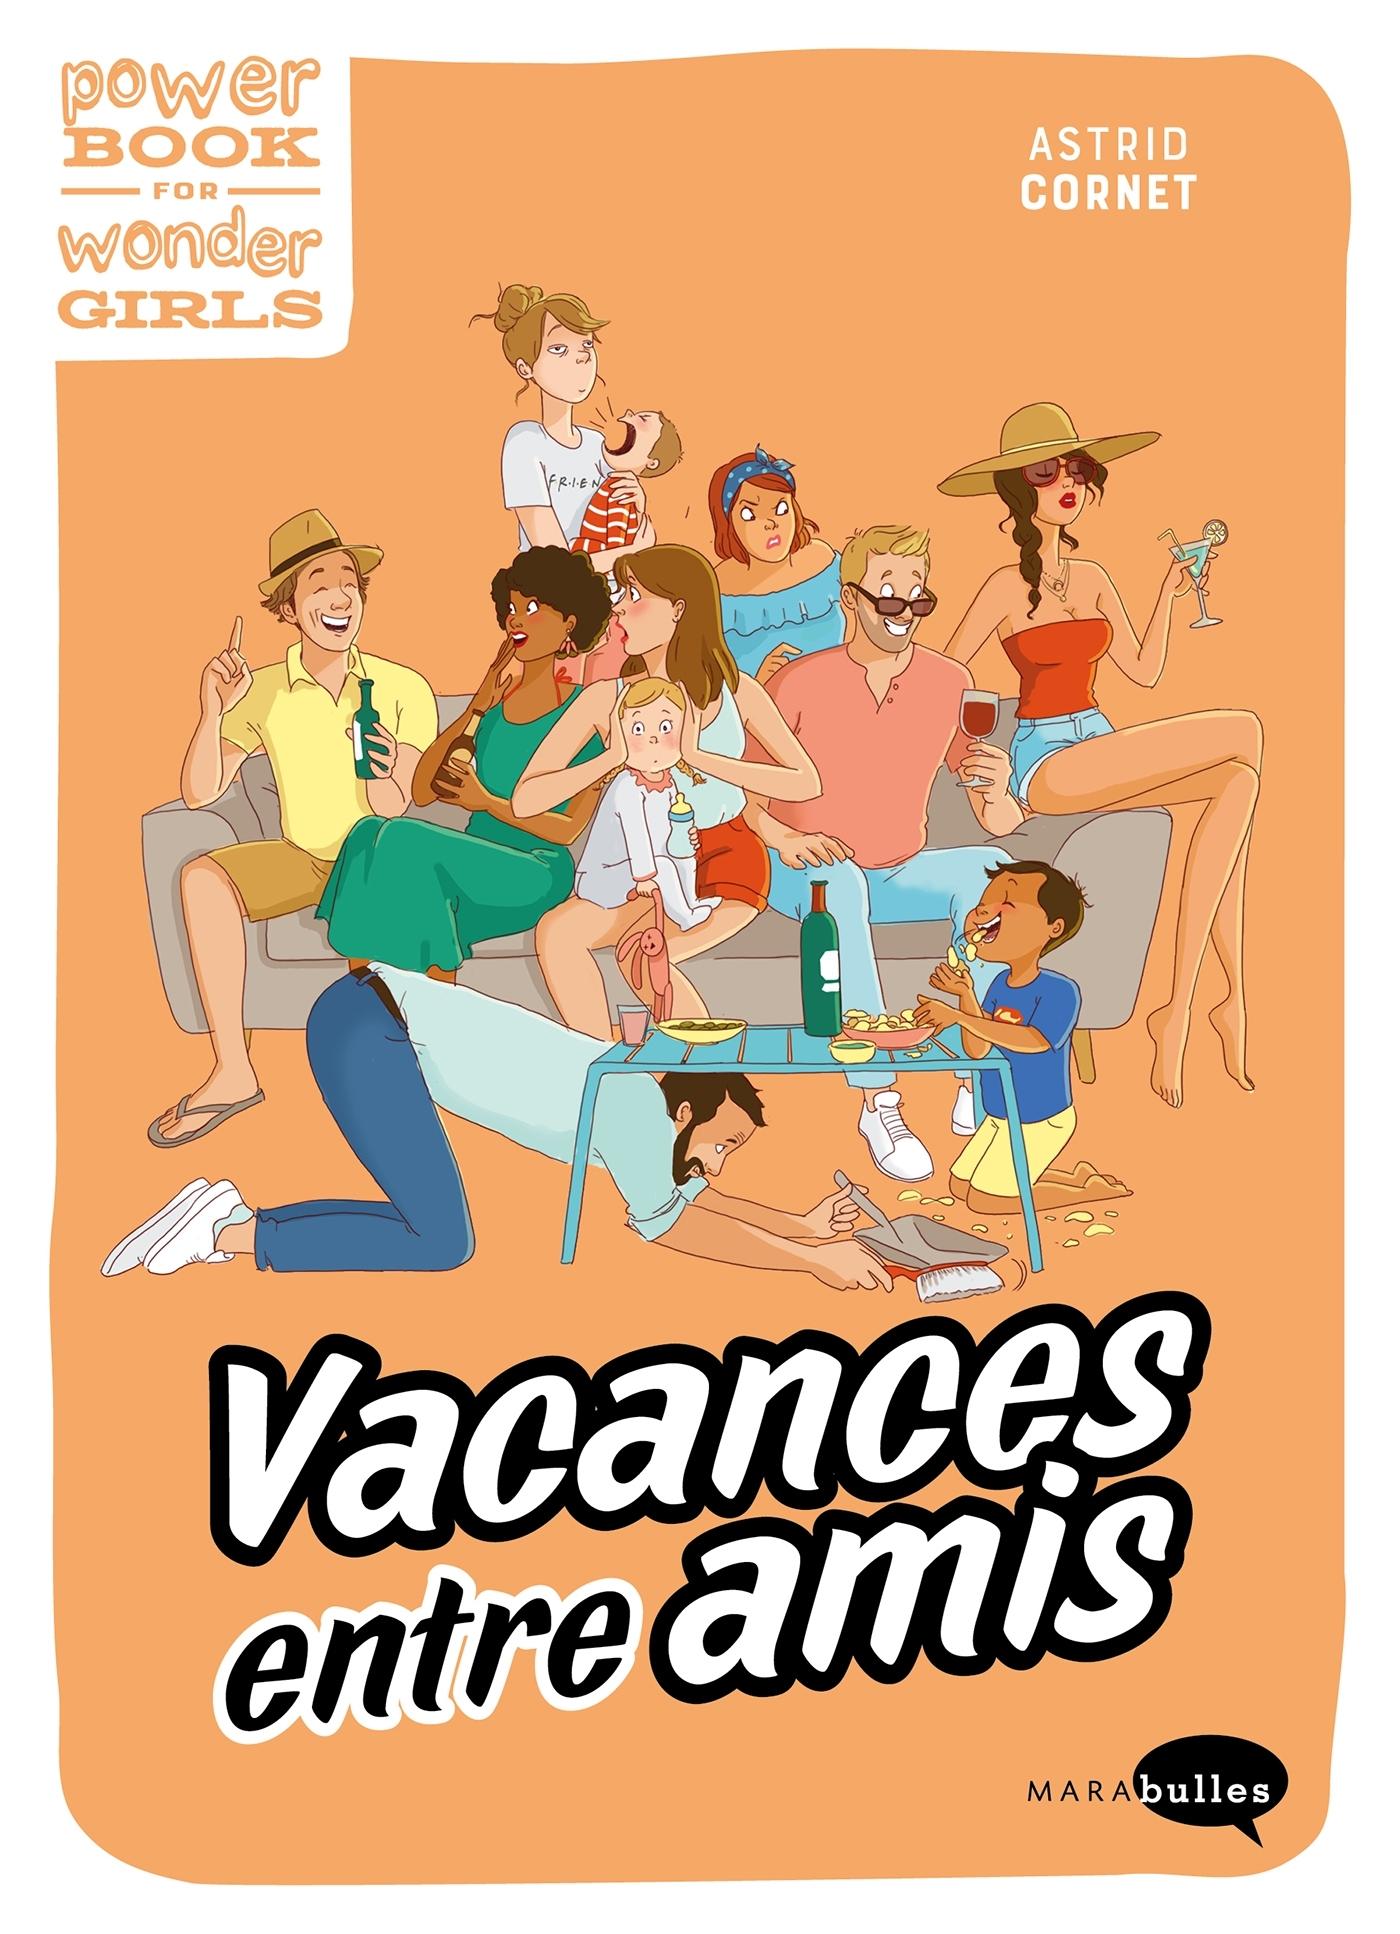 VACANCES ENTRE AMIS